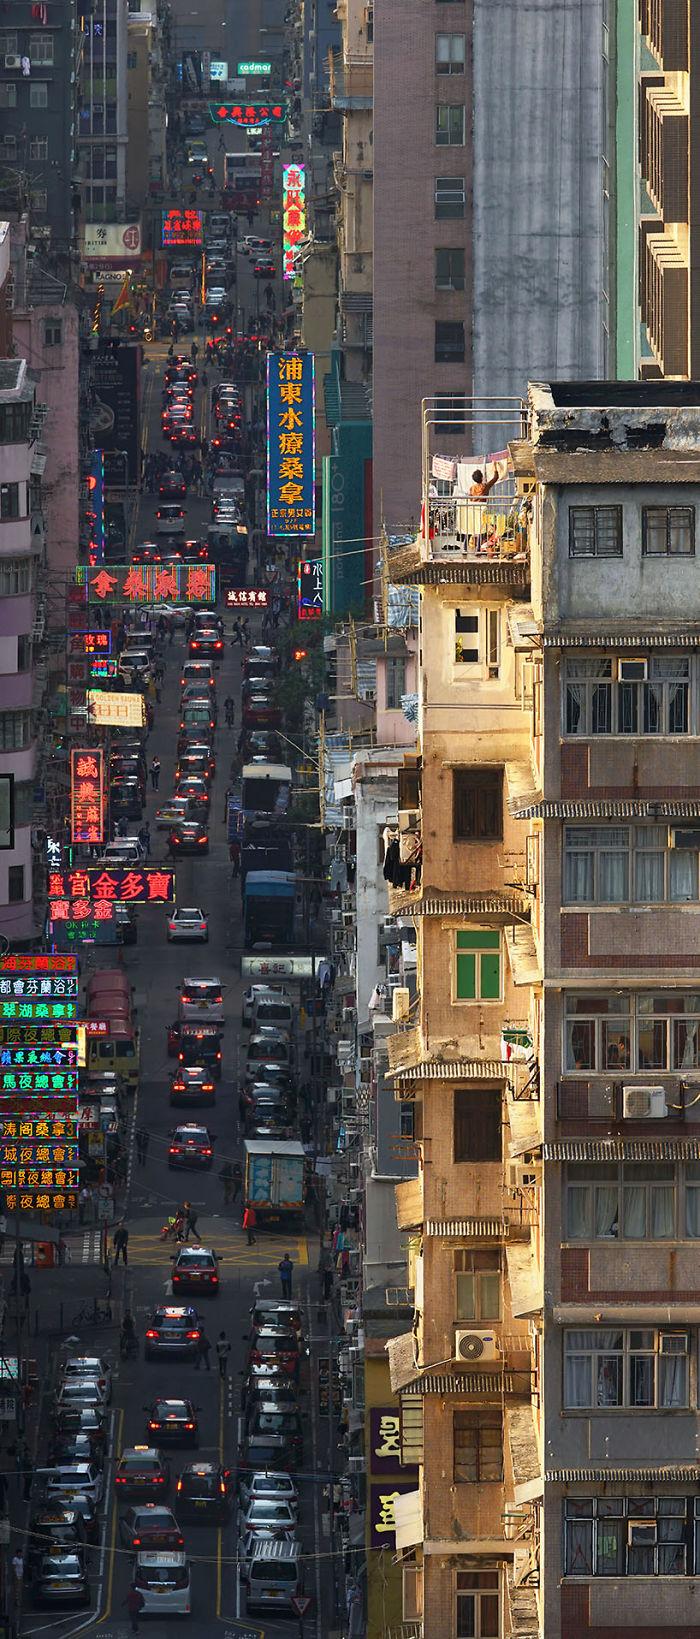 5ae2eb0c493a5 Breathtaking photos of Hong Kong rooftops from other rooftops 5adef99d62e07  700 - 12 coisas interessantes este fotógrafo capturado nos telhados de Hong Kong